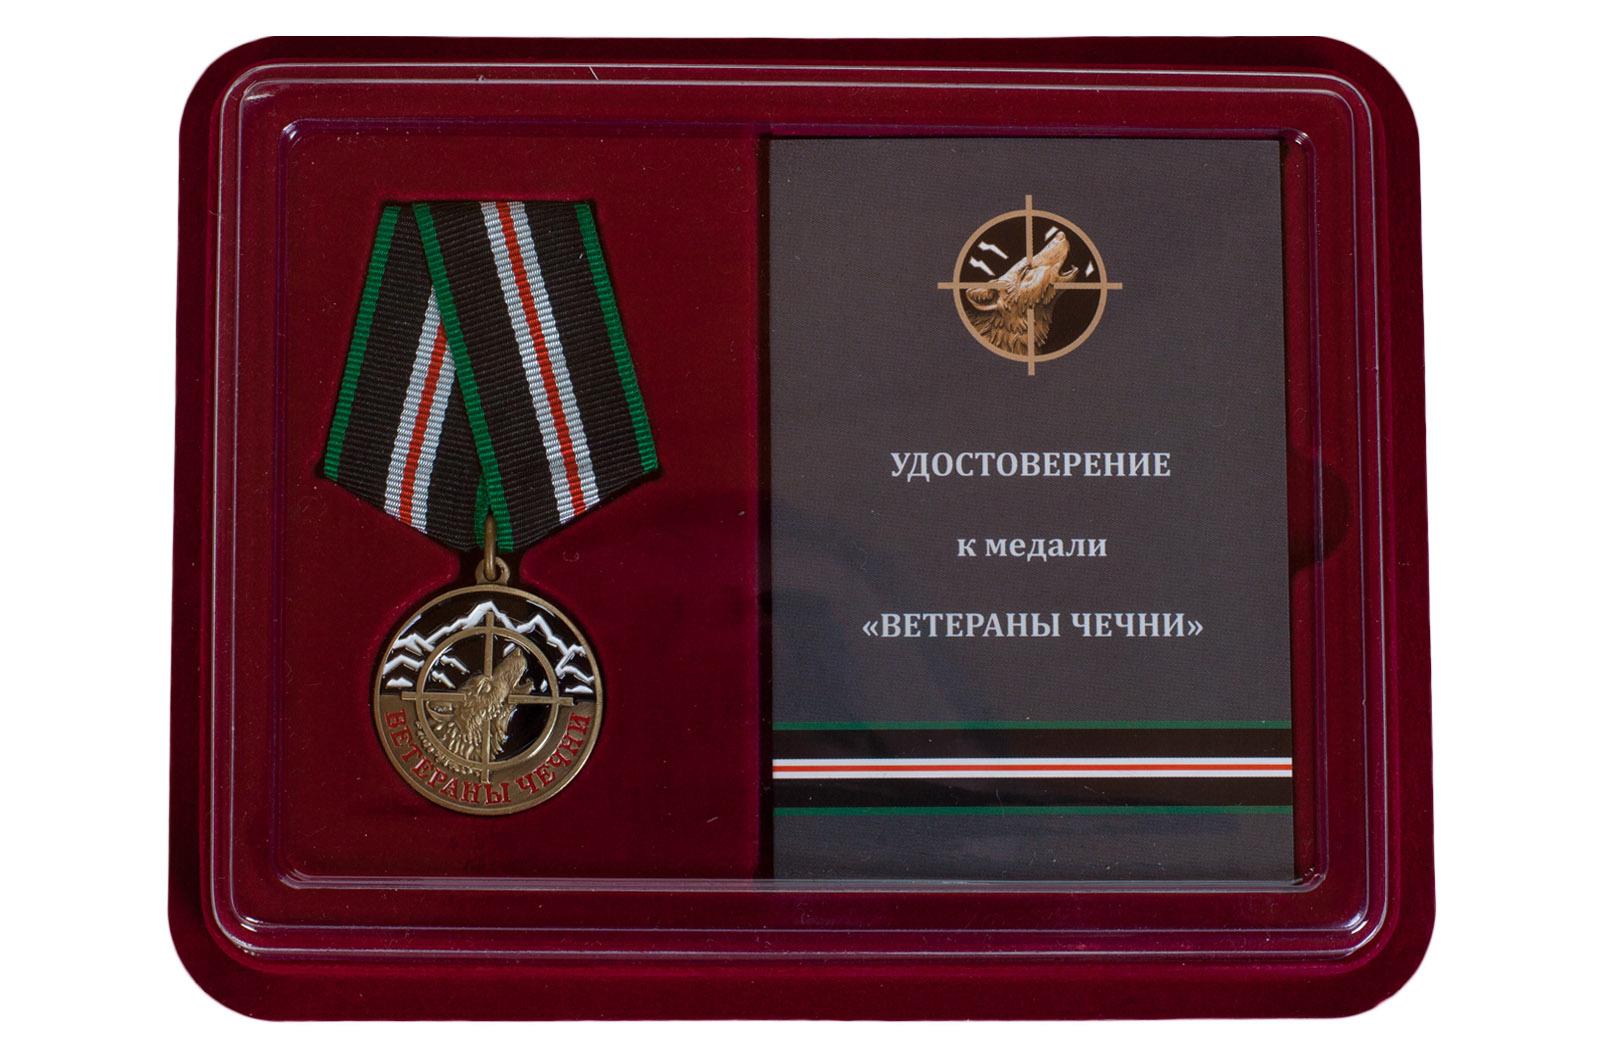 Купить памятную медаль Ветераны Чечни в футляре по экономичной цене